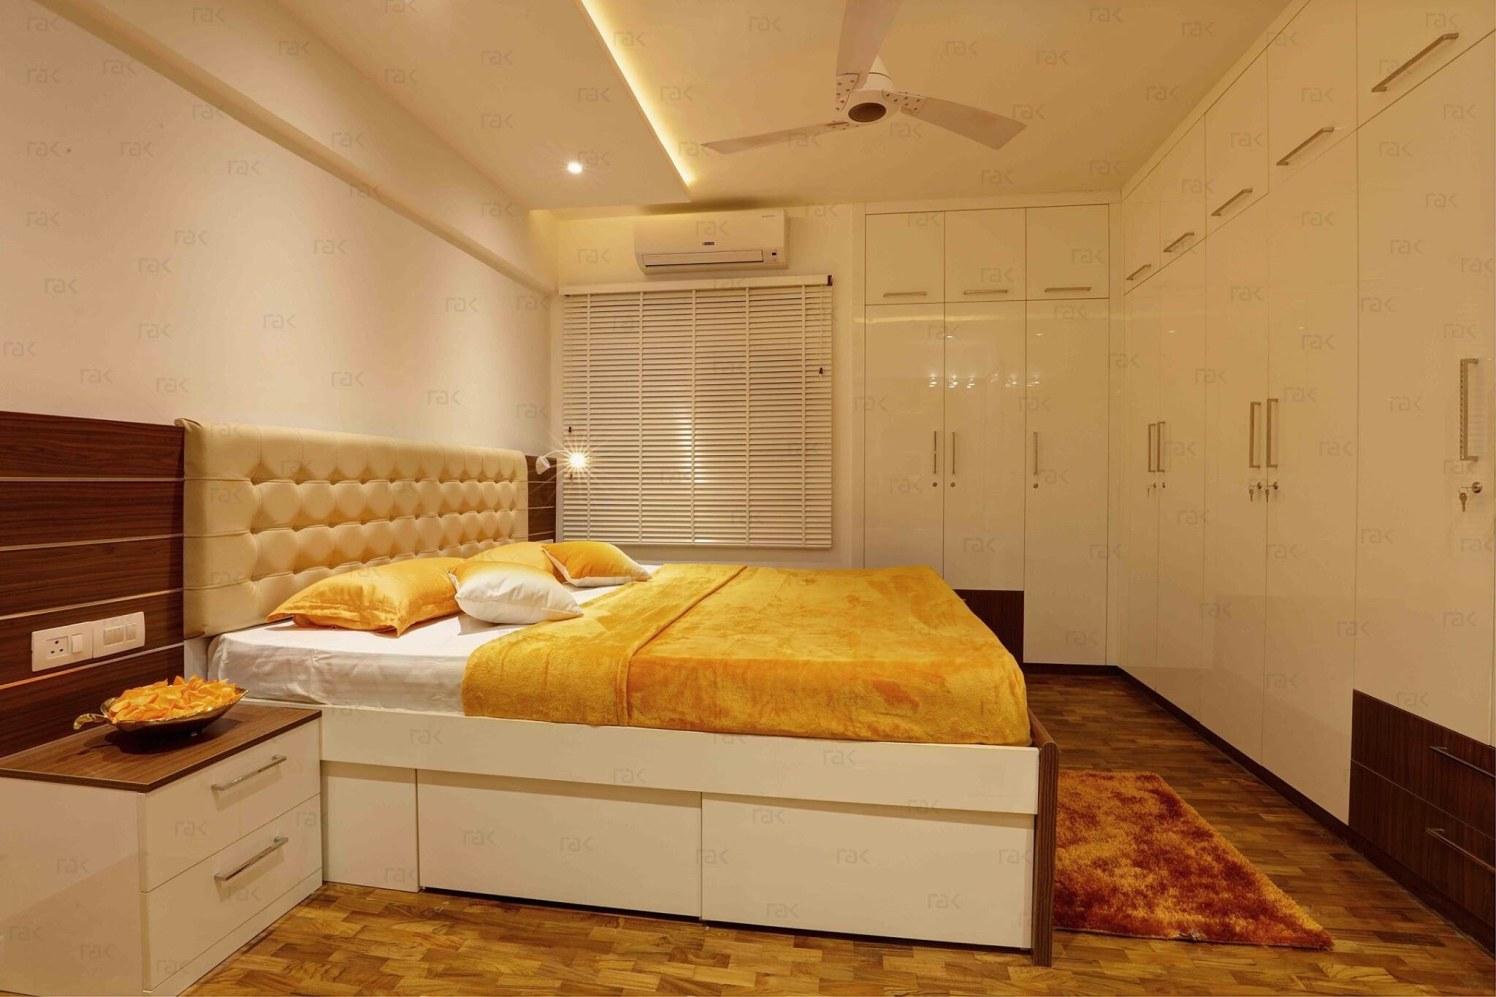 Queen Size Masterpiece by Right Choice Enterprises Contemporary | Interior Design Photos & Ideas